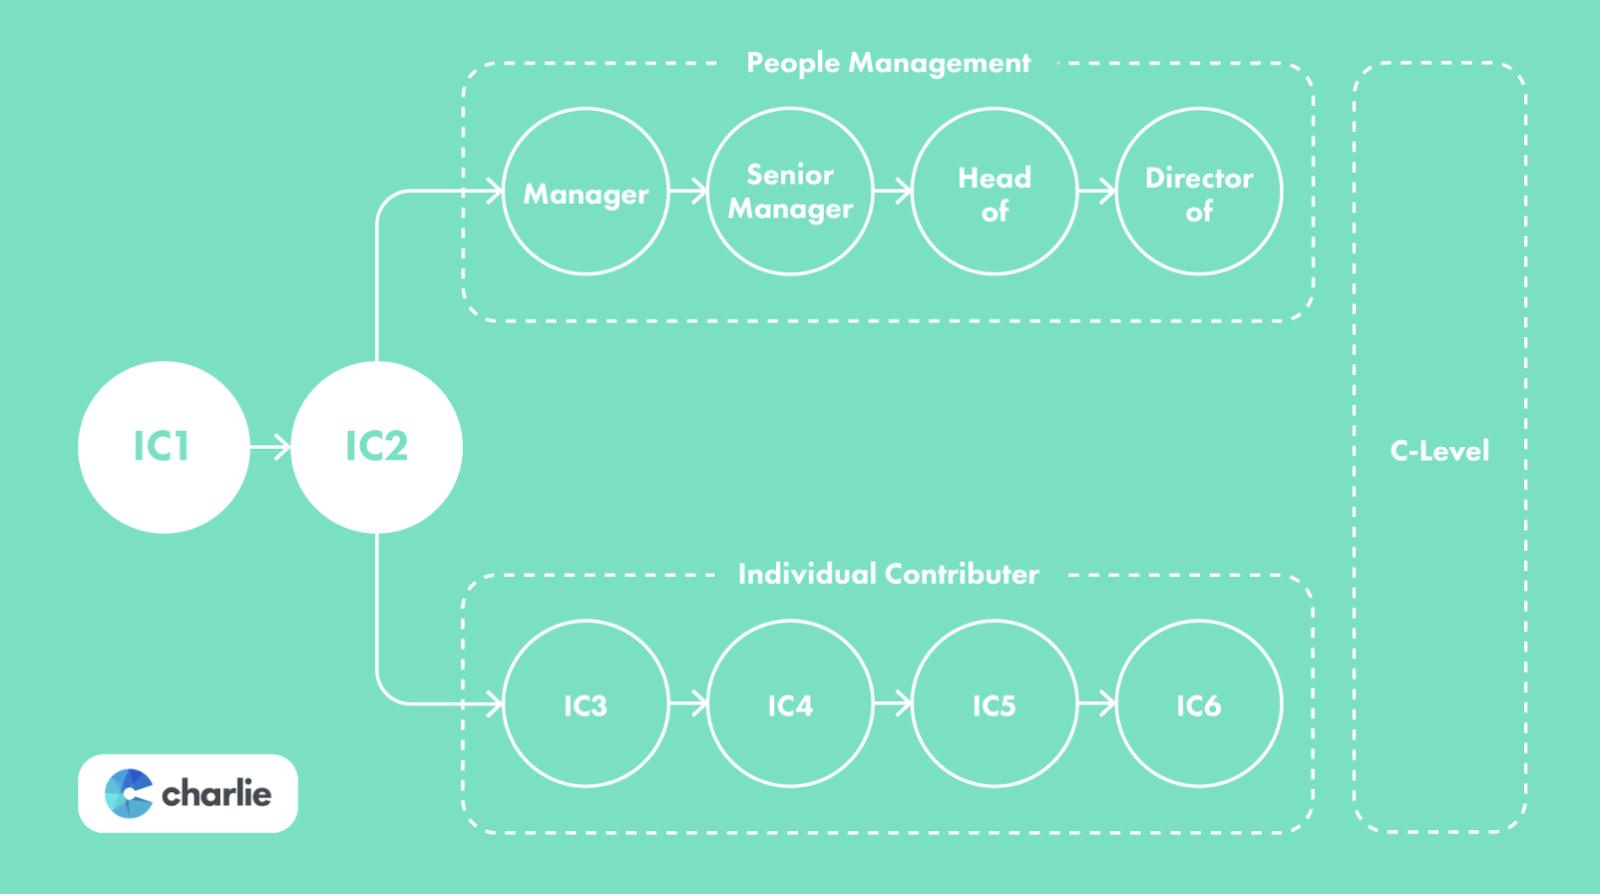 Charlie Hr progression framework